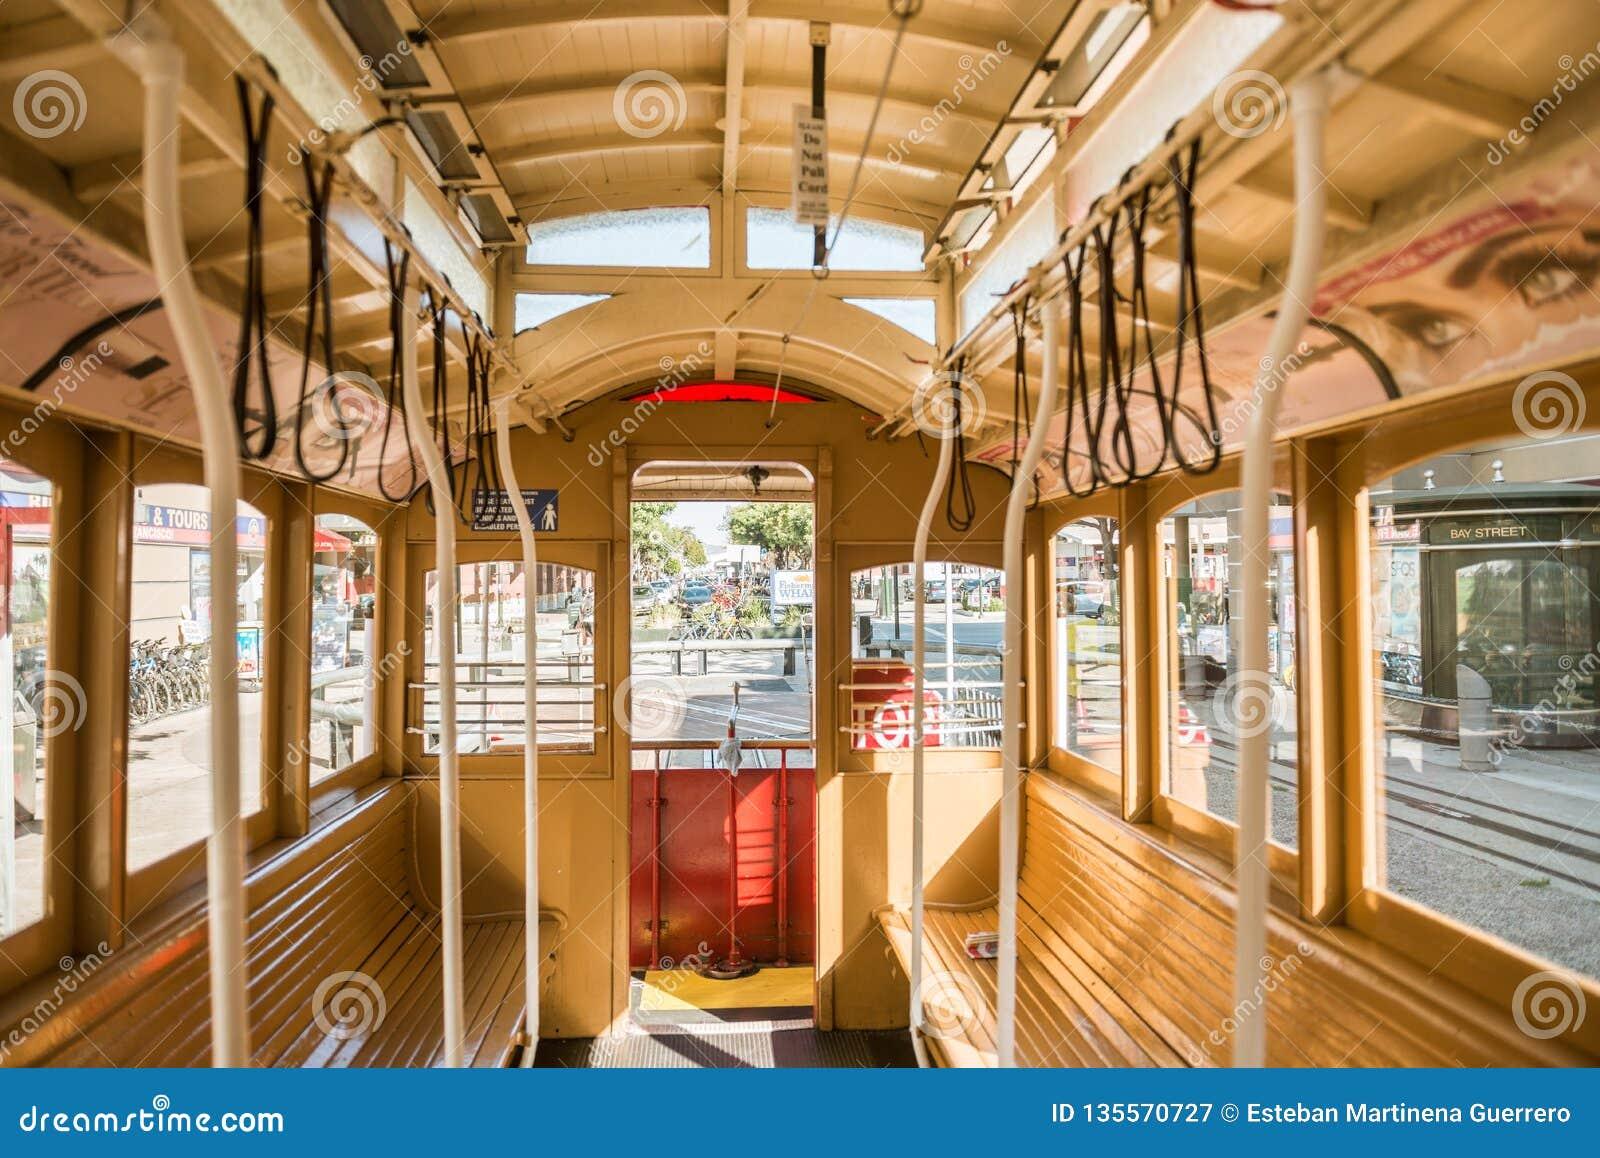 Λεπτομέρεια του εσωτερικού ένα από το τελεφερίκ αυτοκινήτων τραμ του Σαν Φρανσίσκο, Καλιφόρνια, ΗΠΑ